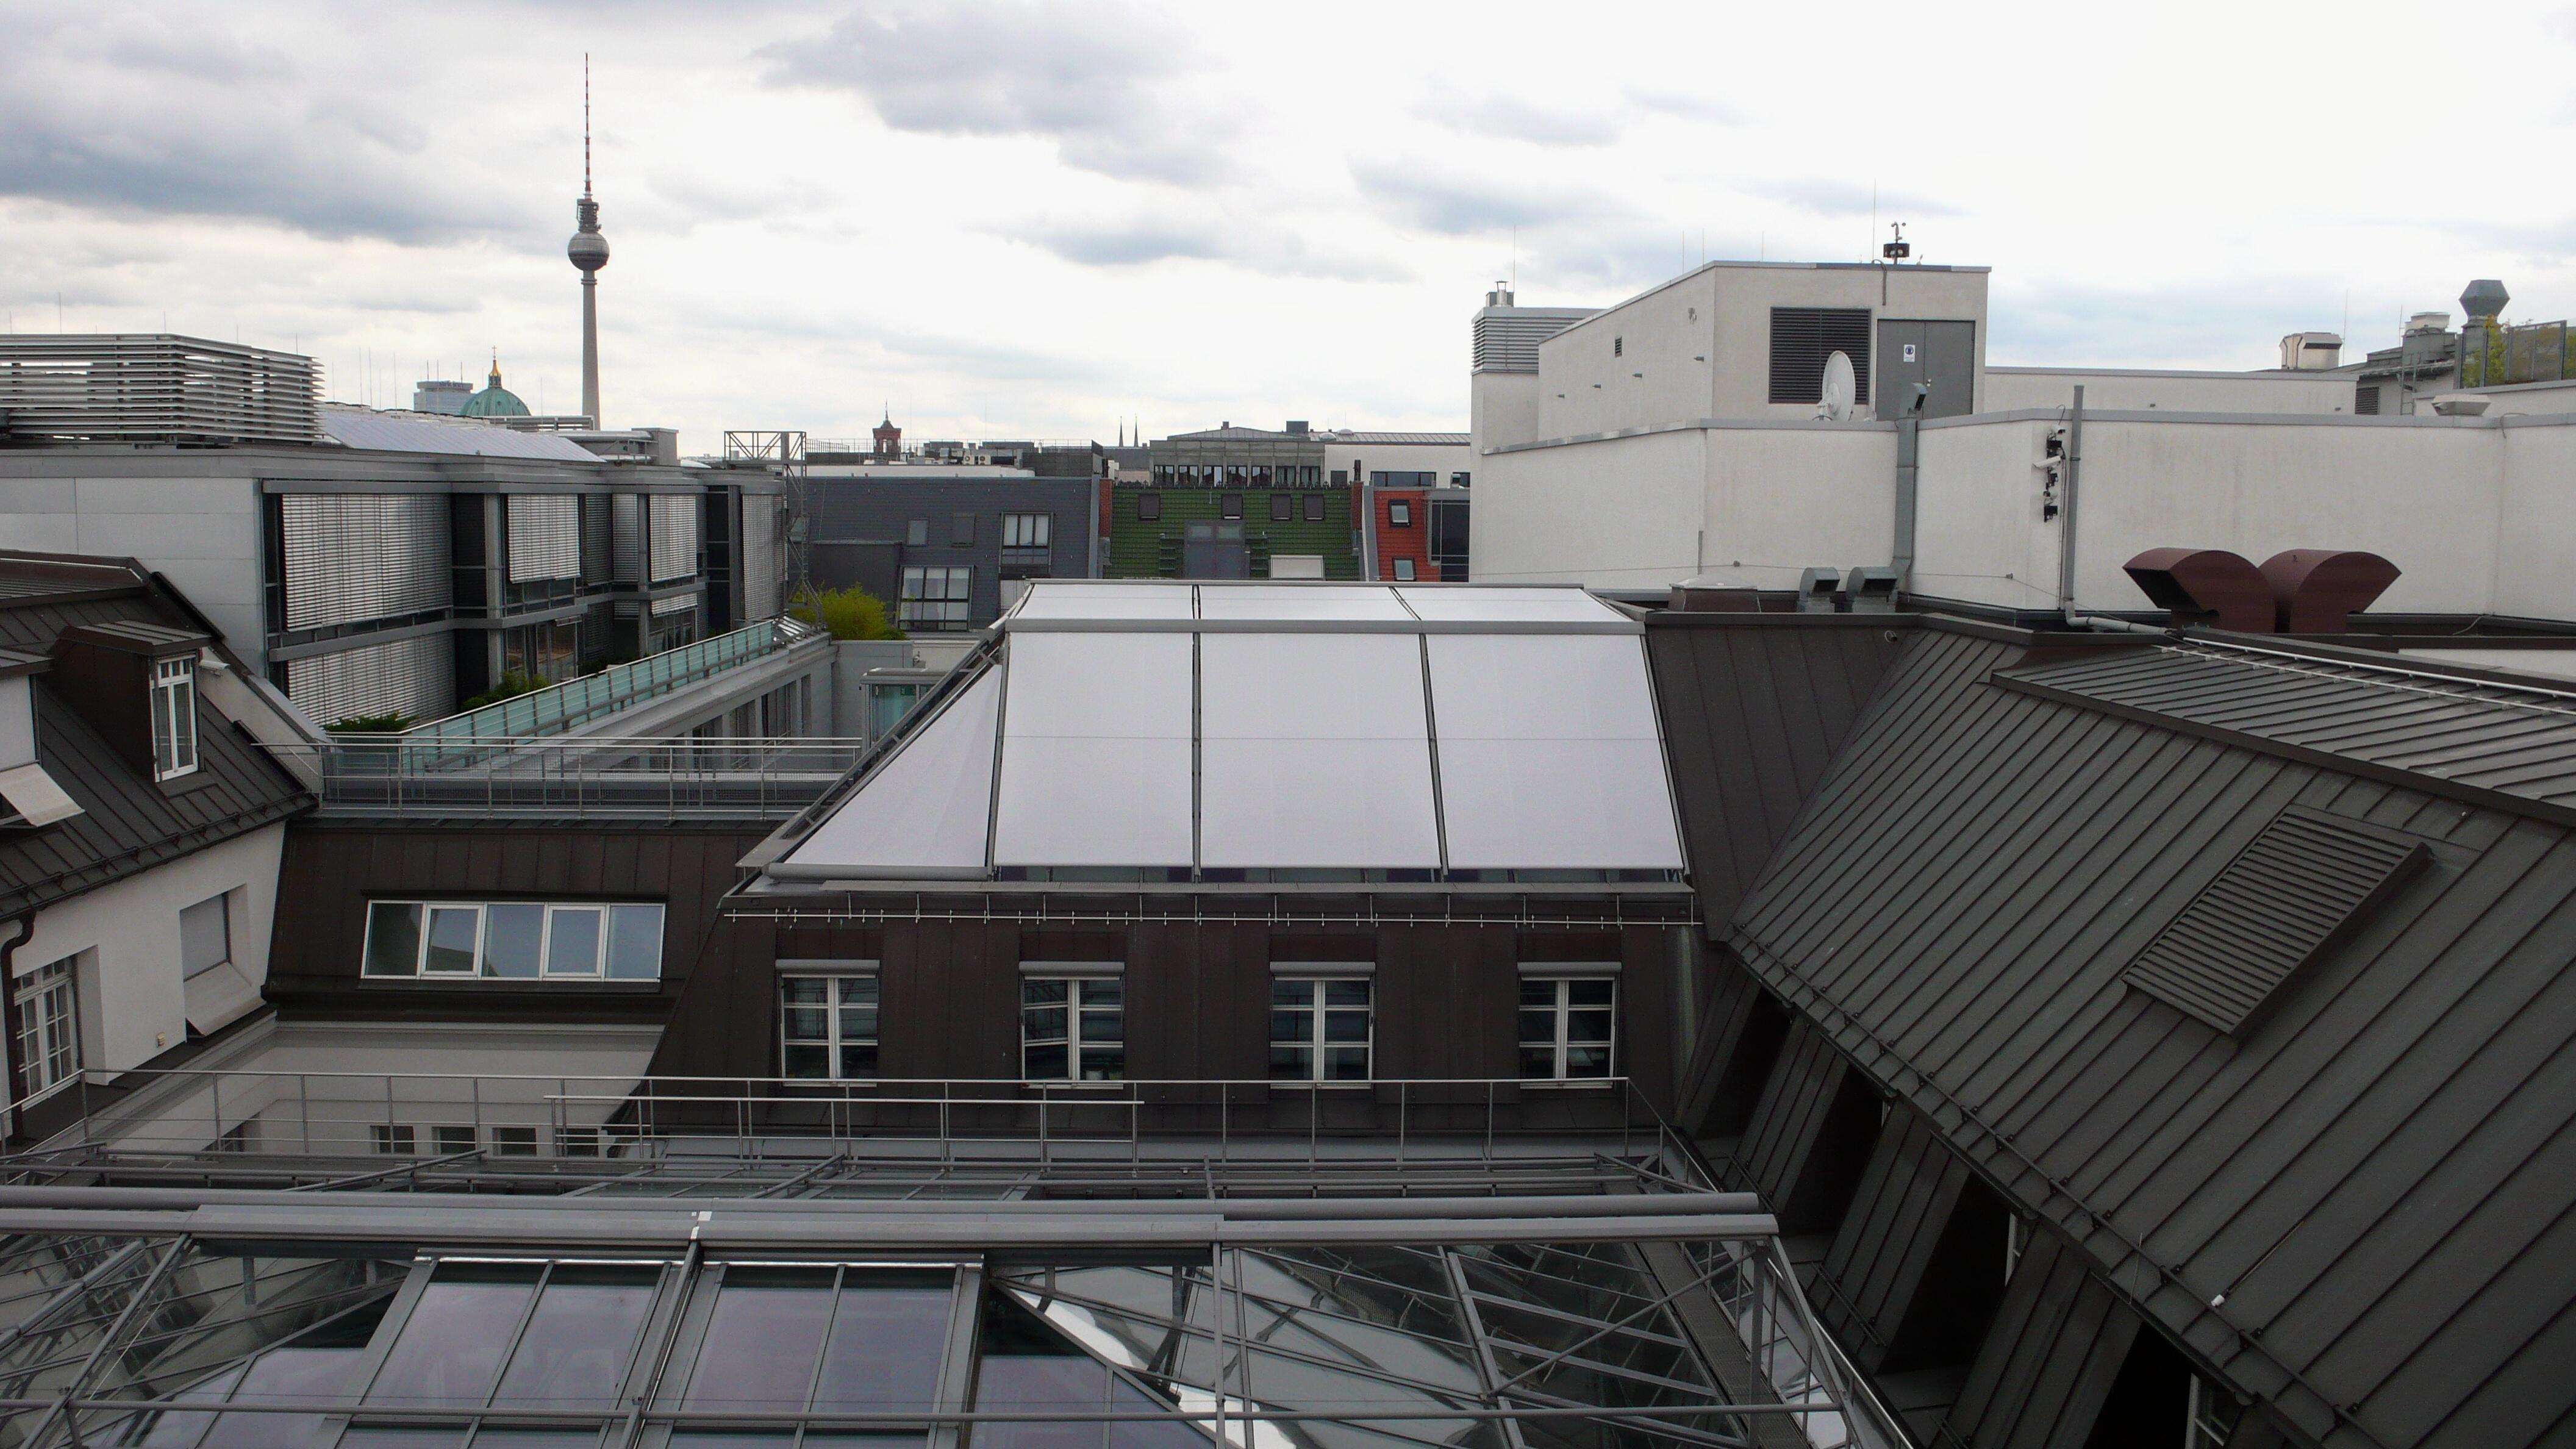 Berlin_02.JPG